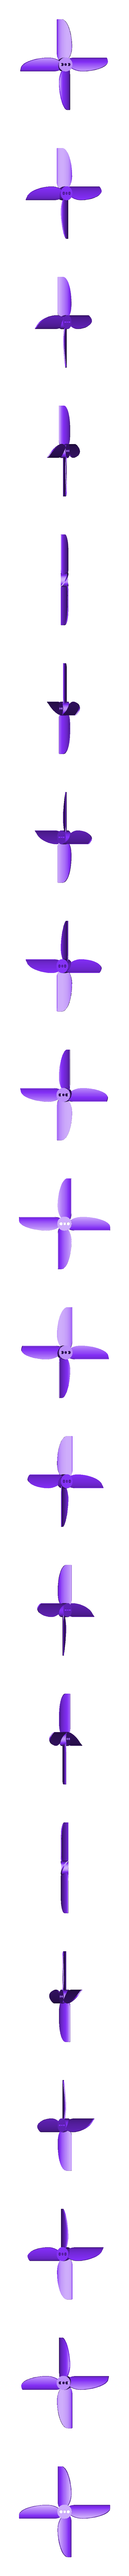 RHR-25_V5_CW.stl Télécharger fichier STL gratuit RHR-25 Hélice pour quadricoptère de 2,5 po • Modèle pour impression 3D, Gophy